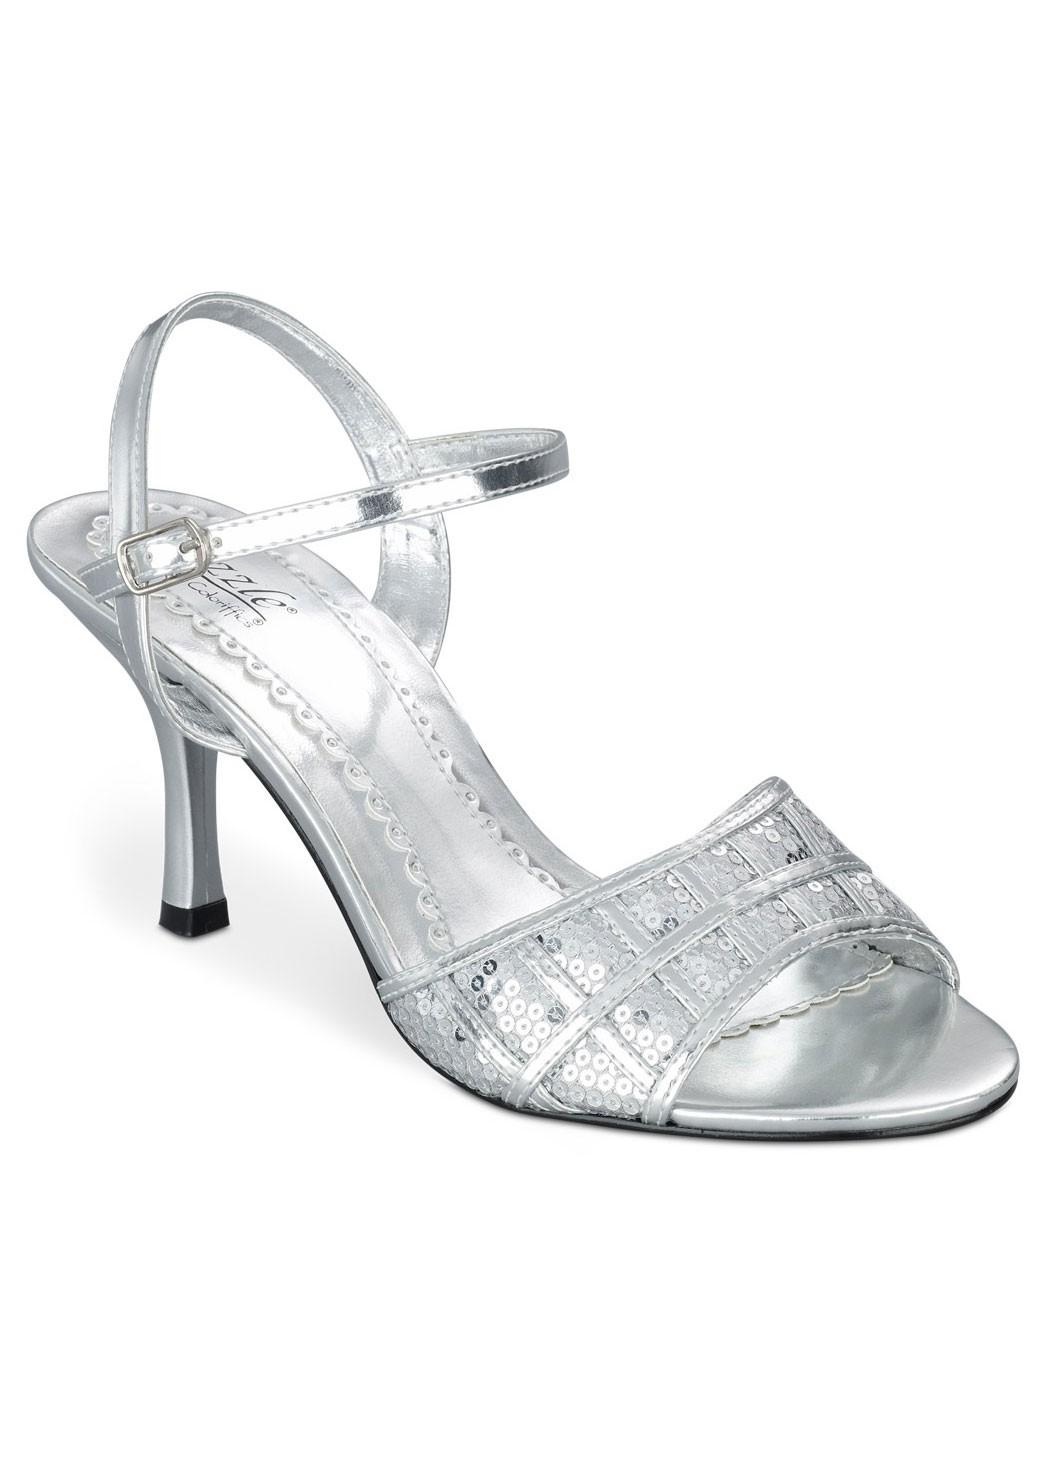 Paris by Sizzle Sequin Sandals